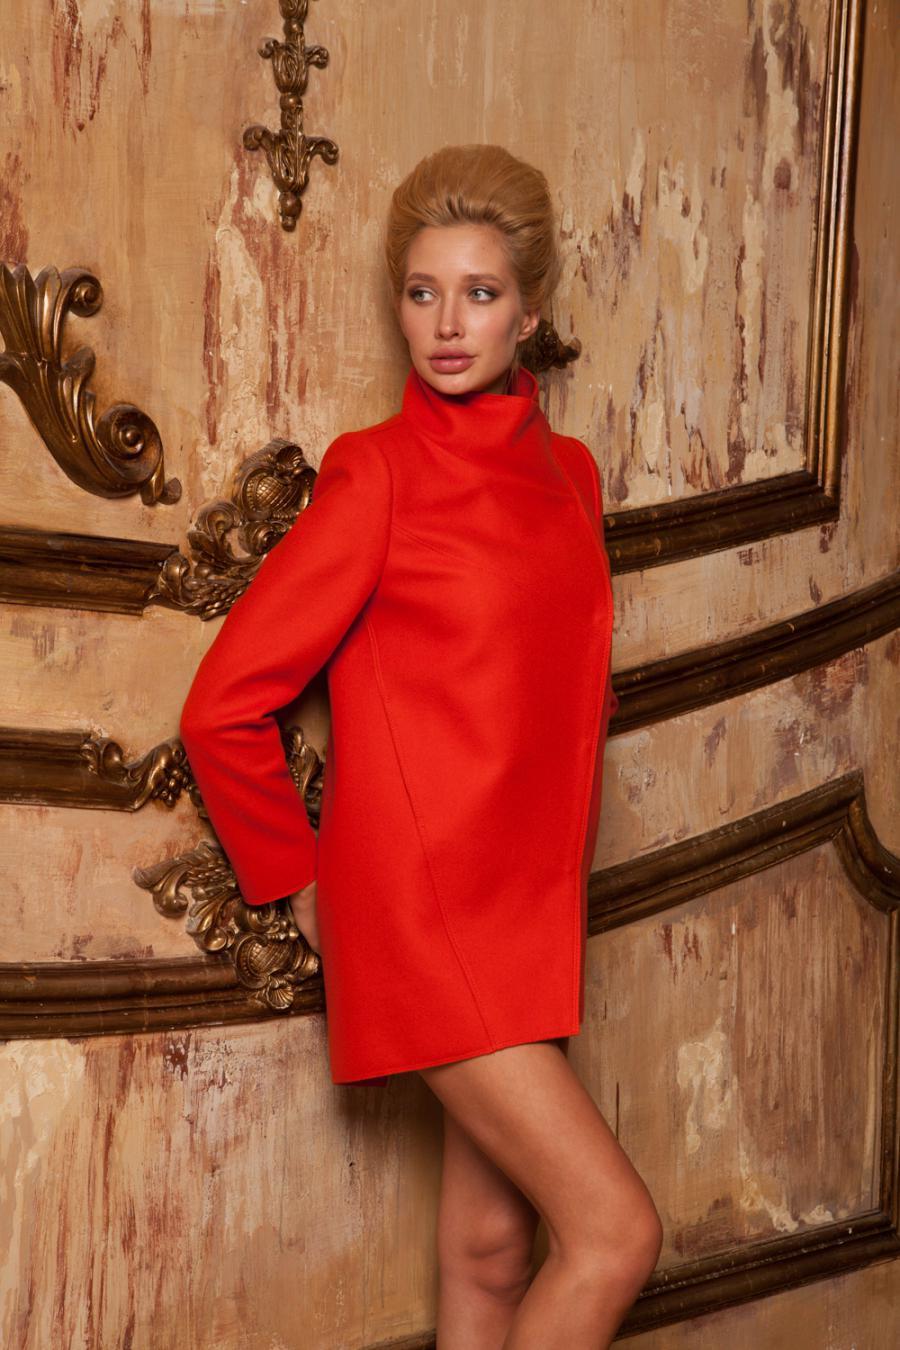 Последняя распродажа пальто, цены от 1800 руб.